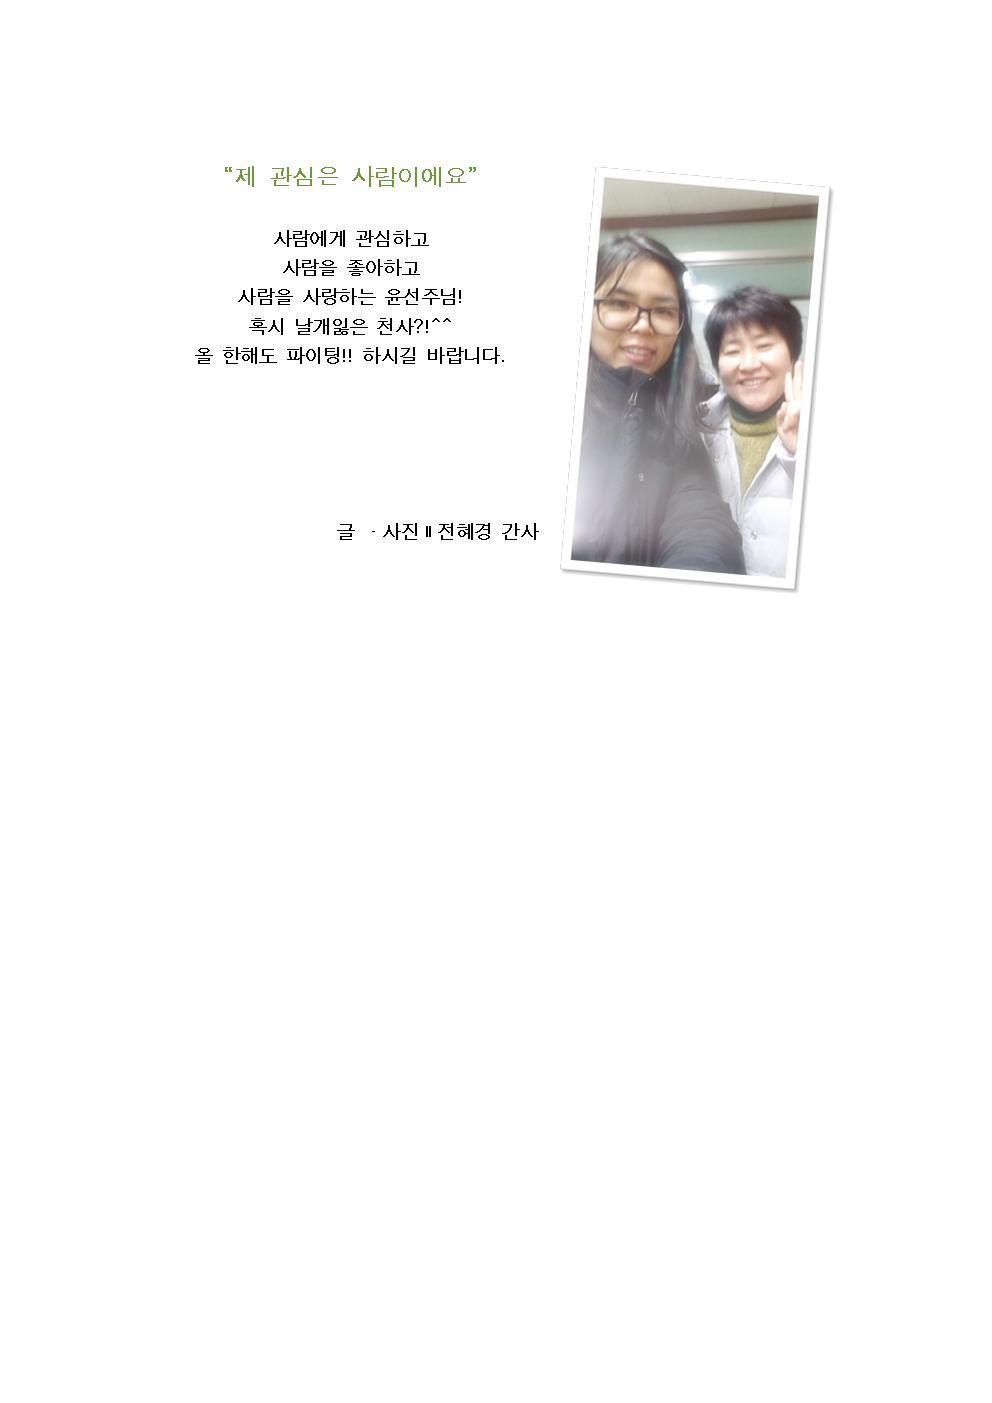 윤선주 조합원님과 담소003.jpg